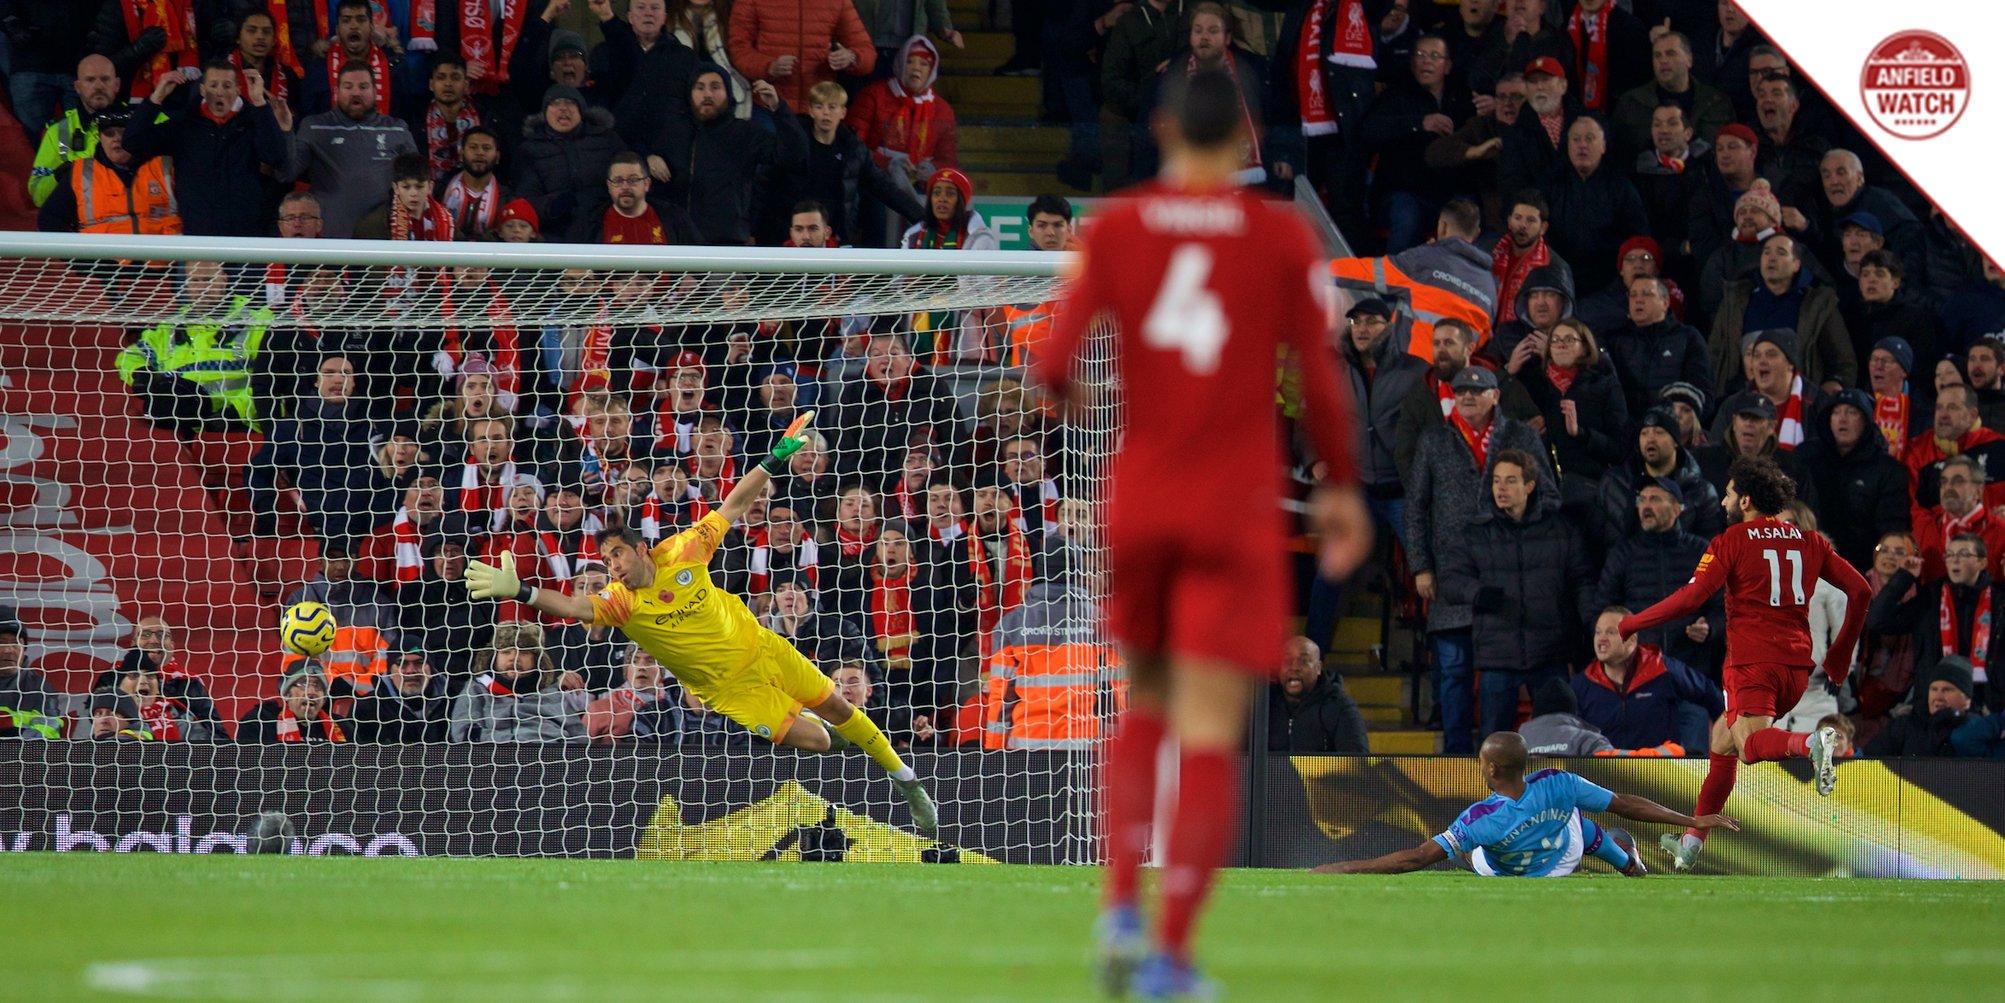 TRỰC TIẾP Liverpool 2-0 Man City: Mo Salah nới rộng cách biệt (H1) - Bóng Đá